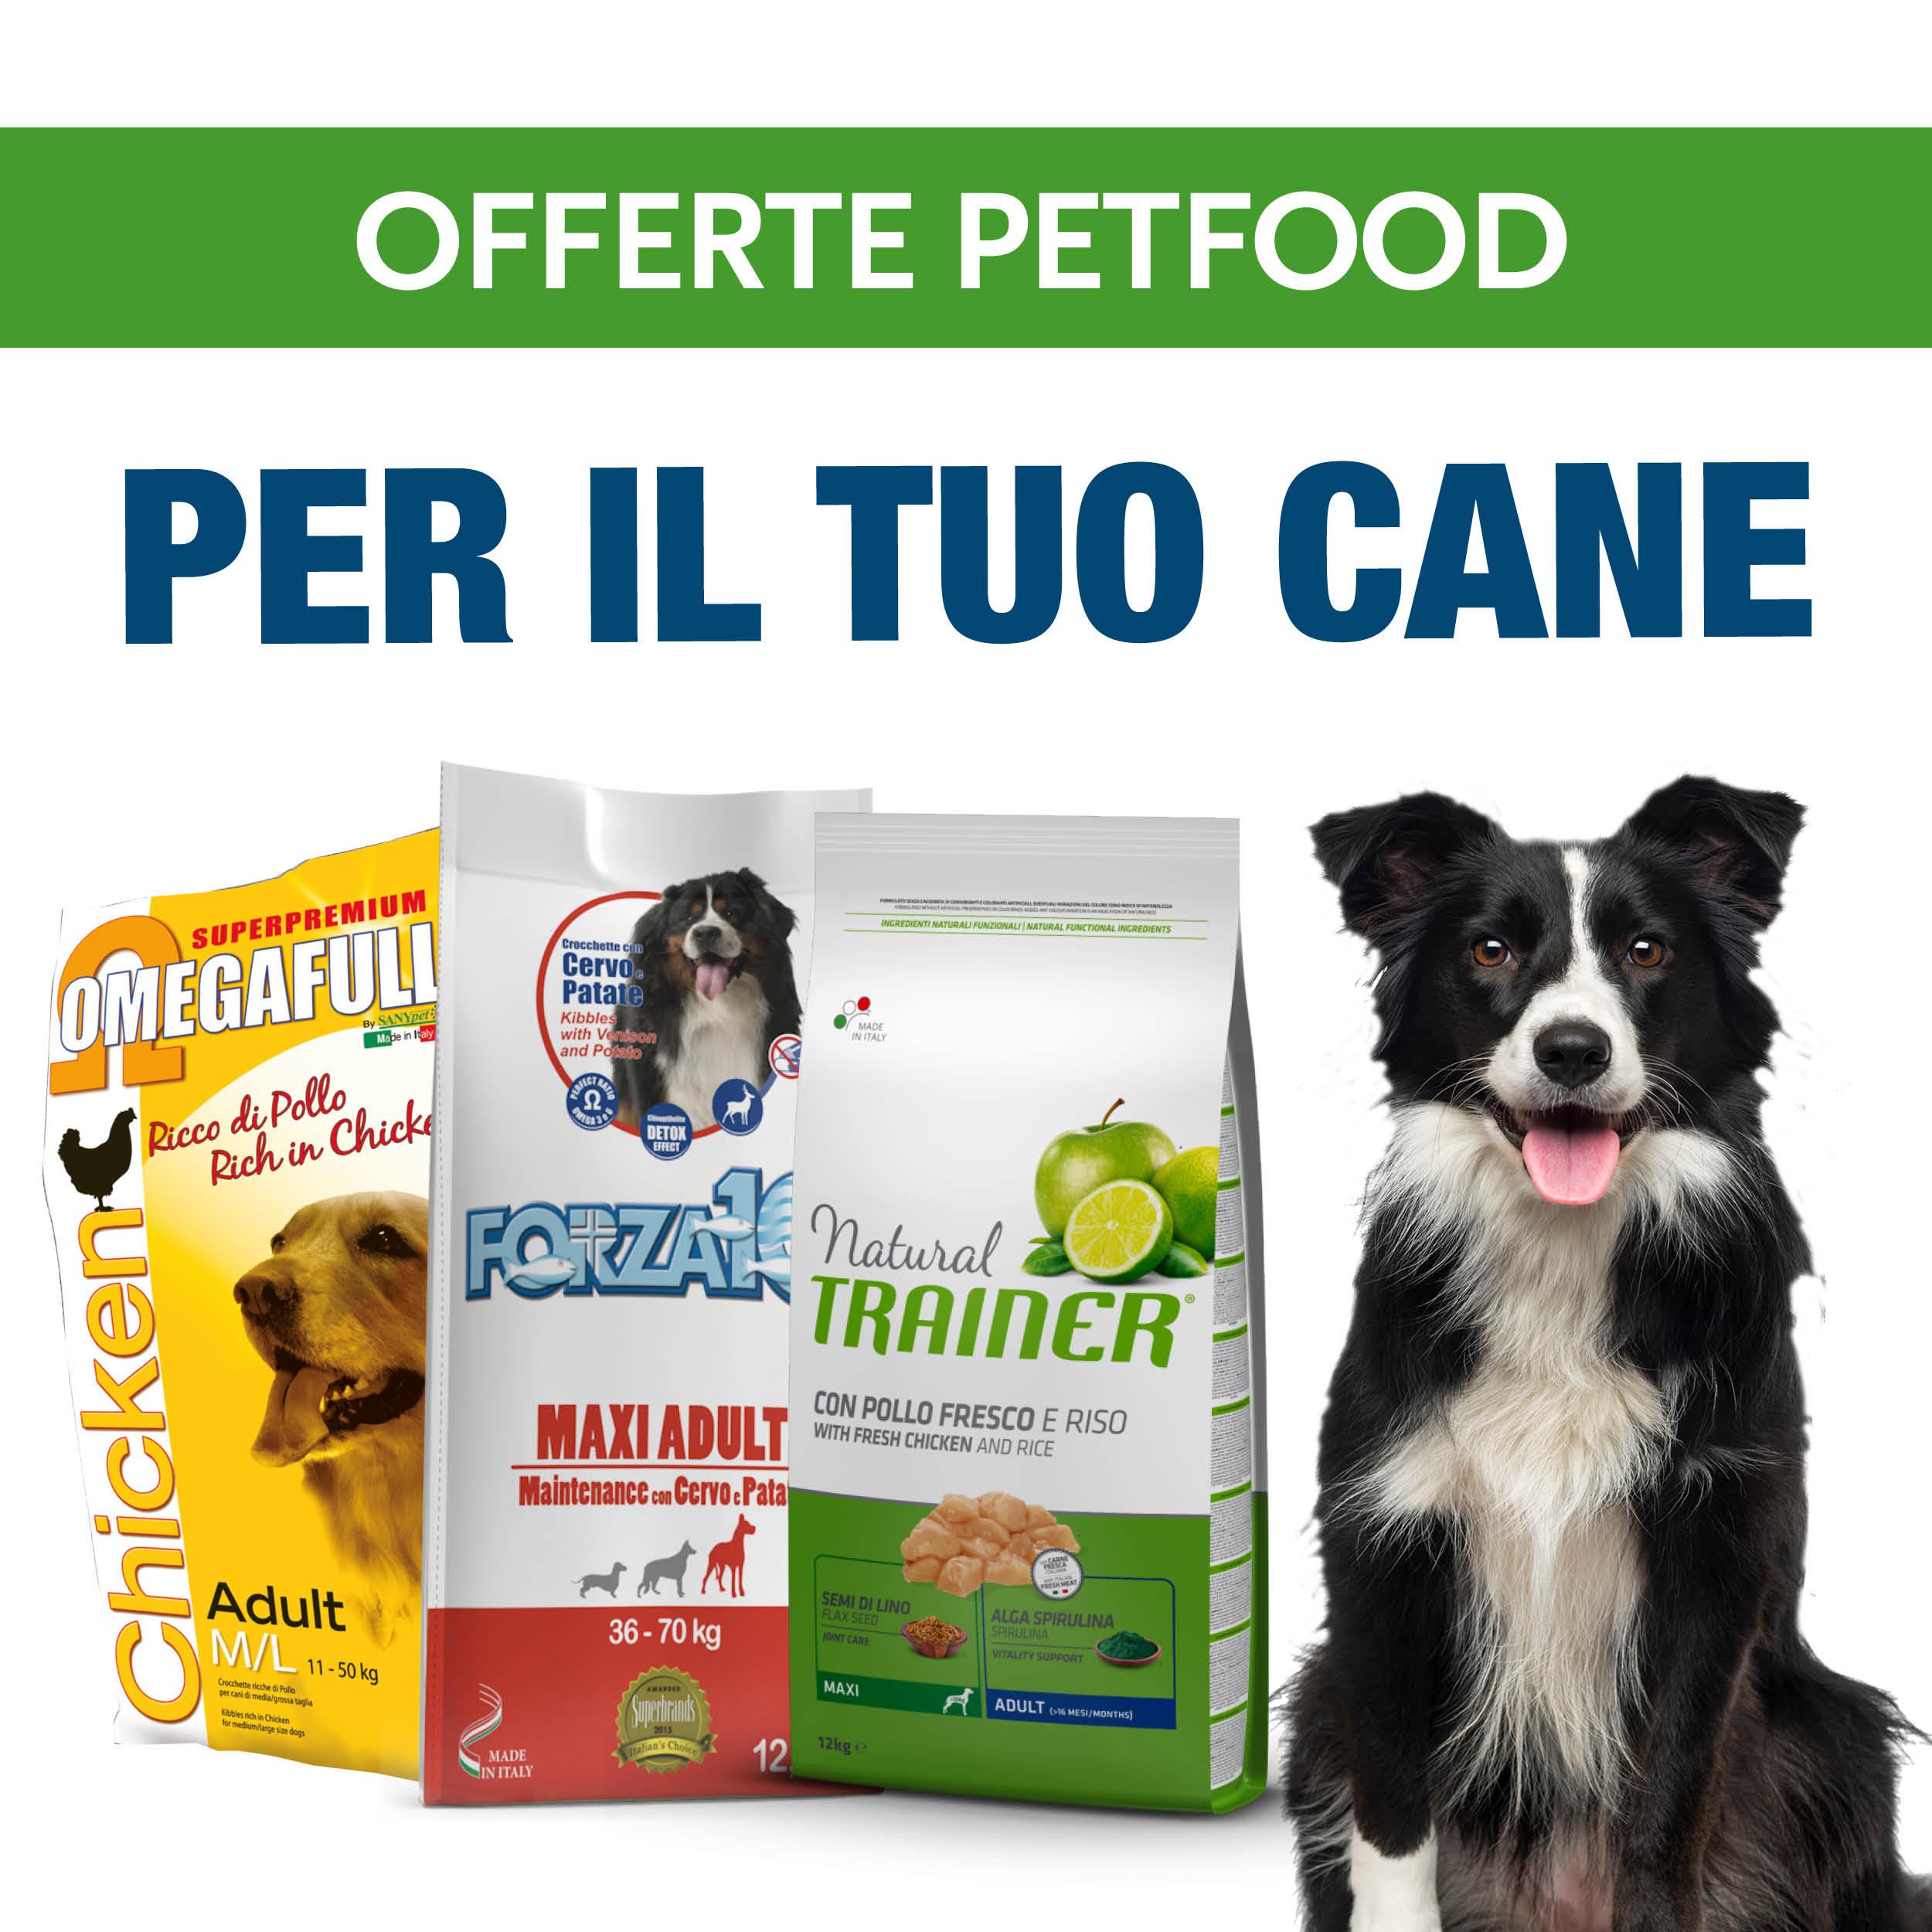 offerte petfood cane